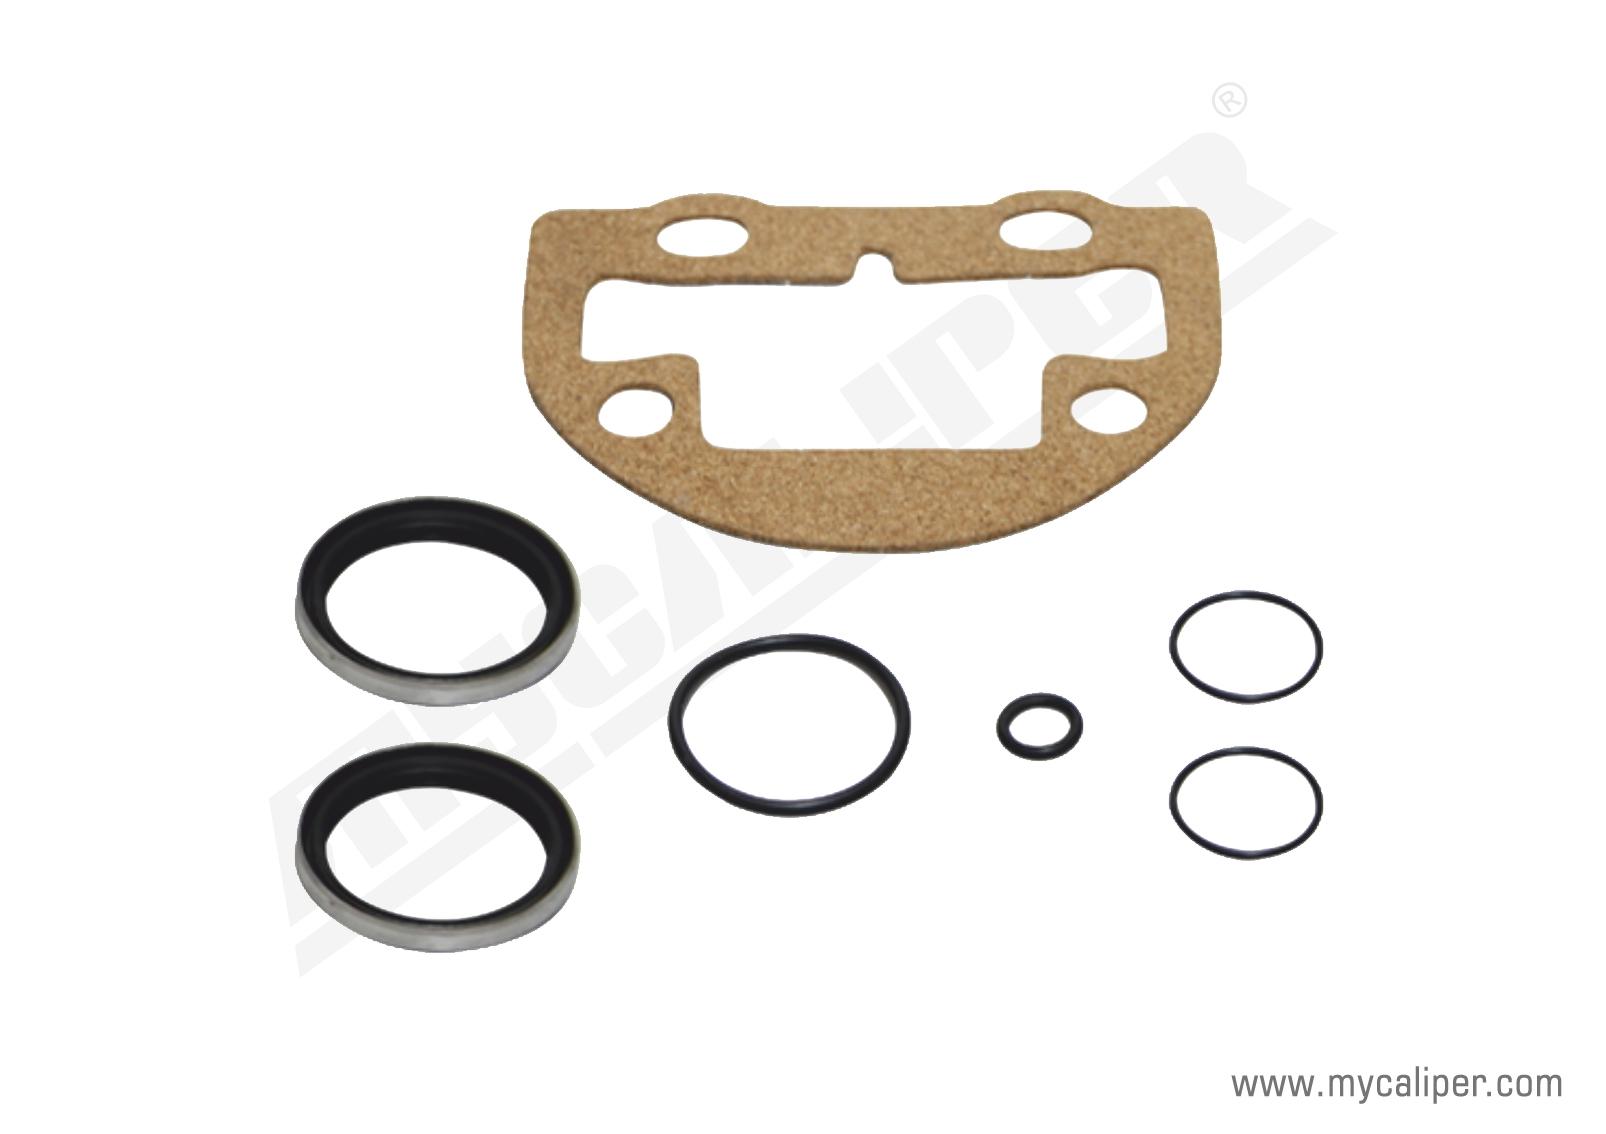 Brake Adjuster Dust Cover Set